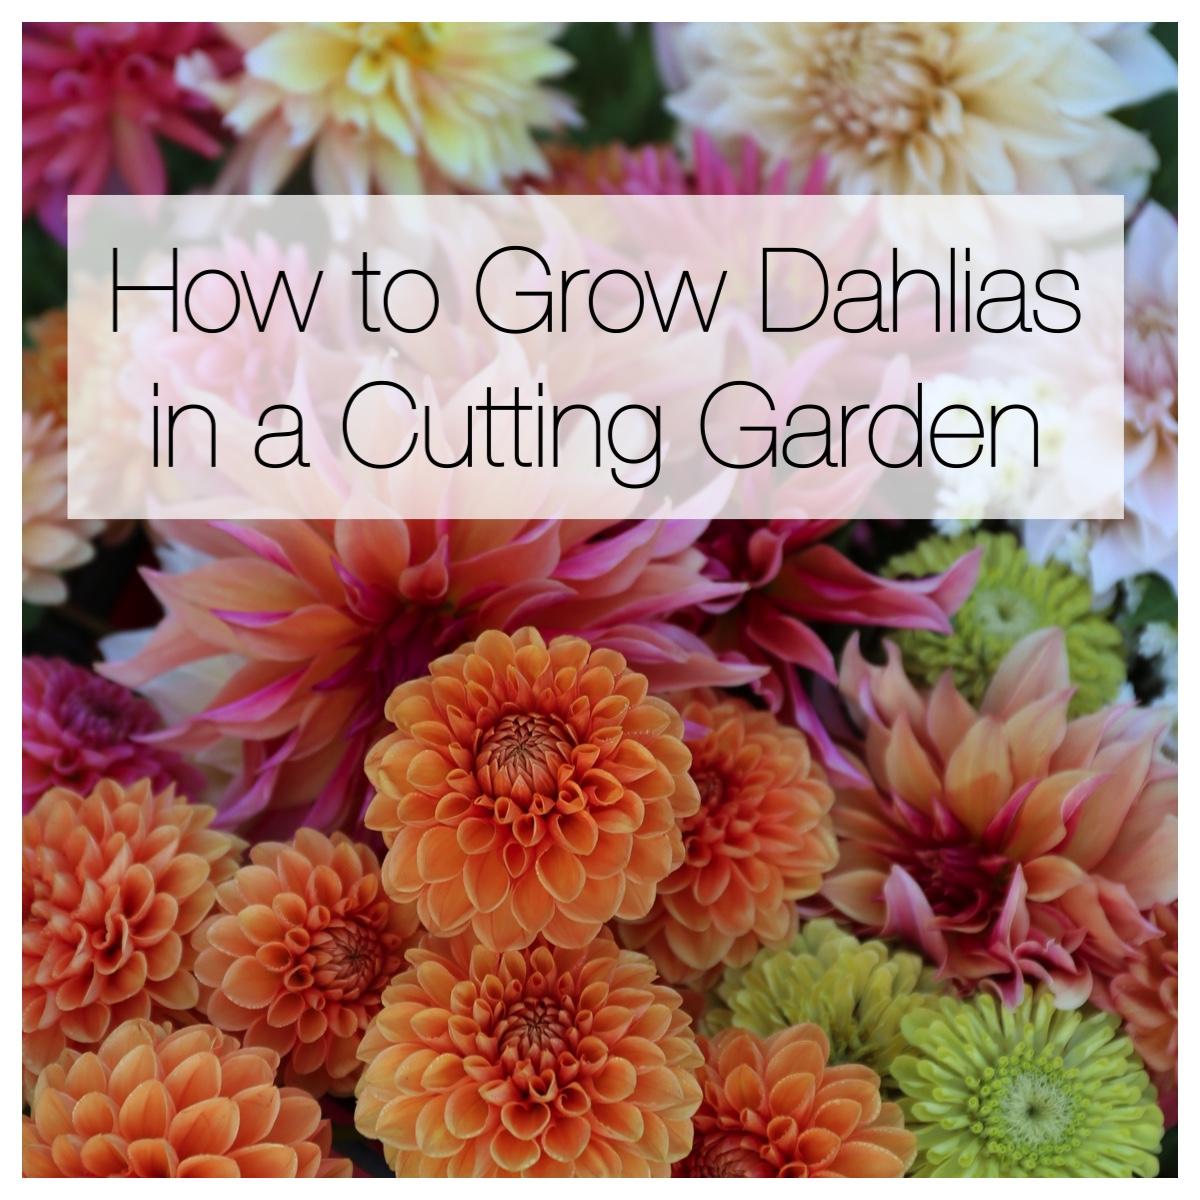 How to Grow Dahlias in a Cutting Garden - Longfield Gardens